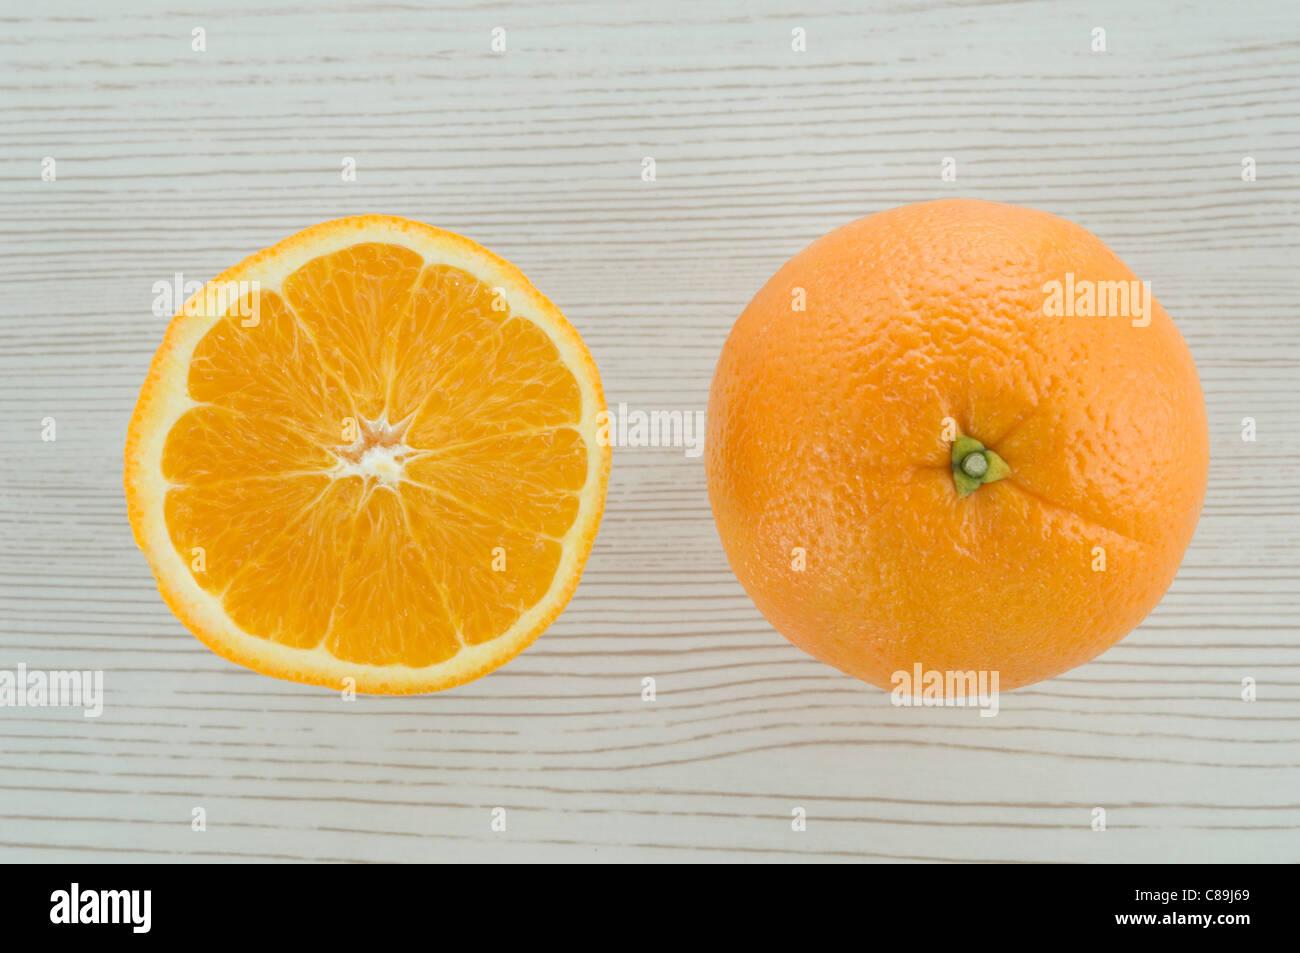 Tutta arancione e slice su sfondo di legno Immagini Stock